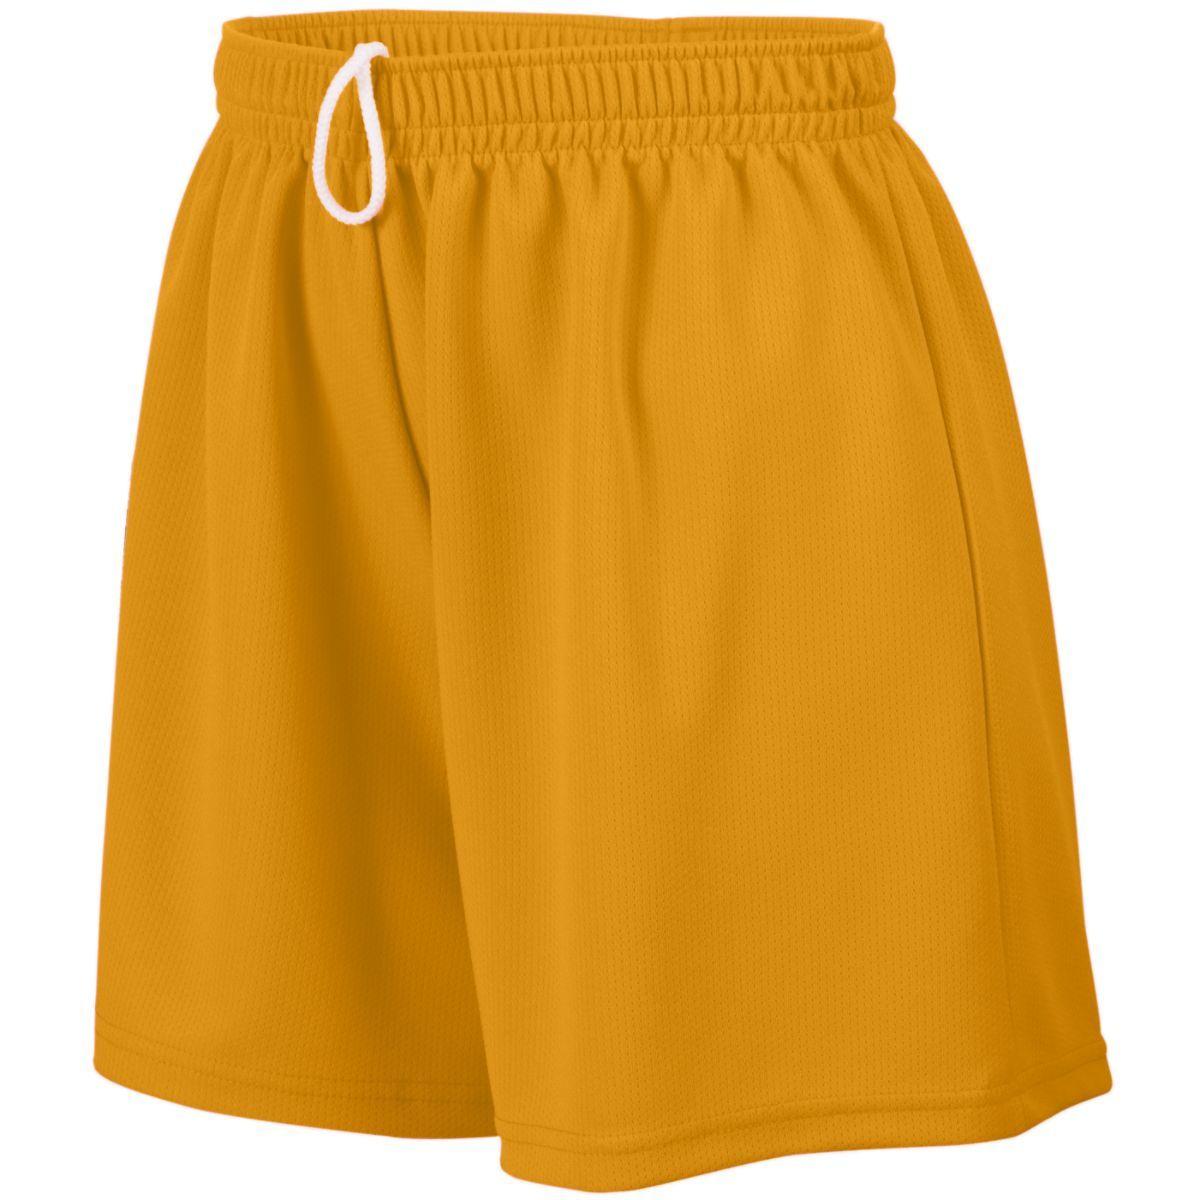 Ladies Wicking Mesh Shorts - GOLD